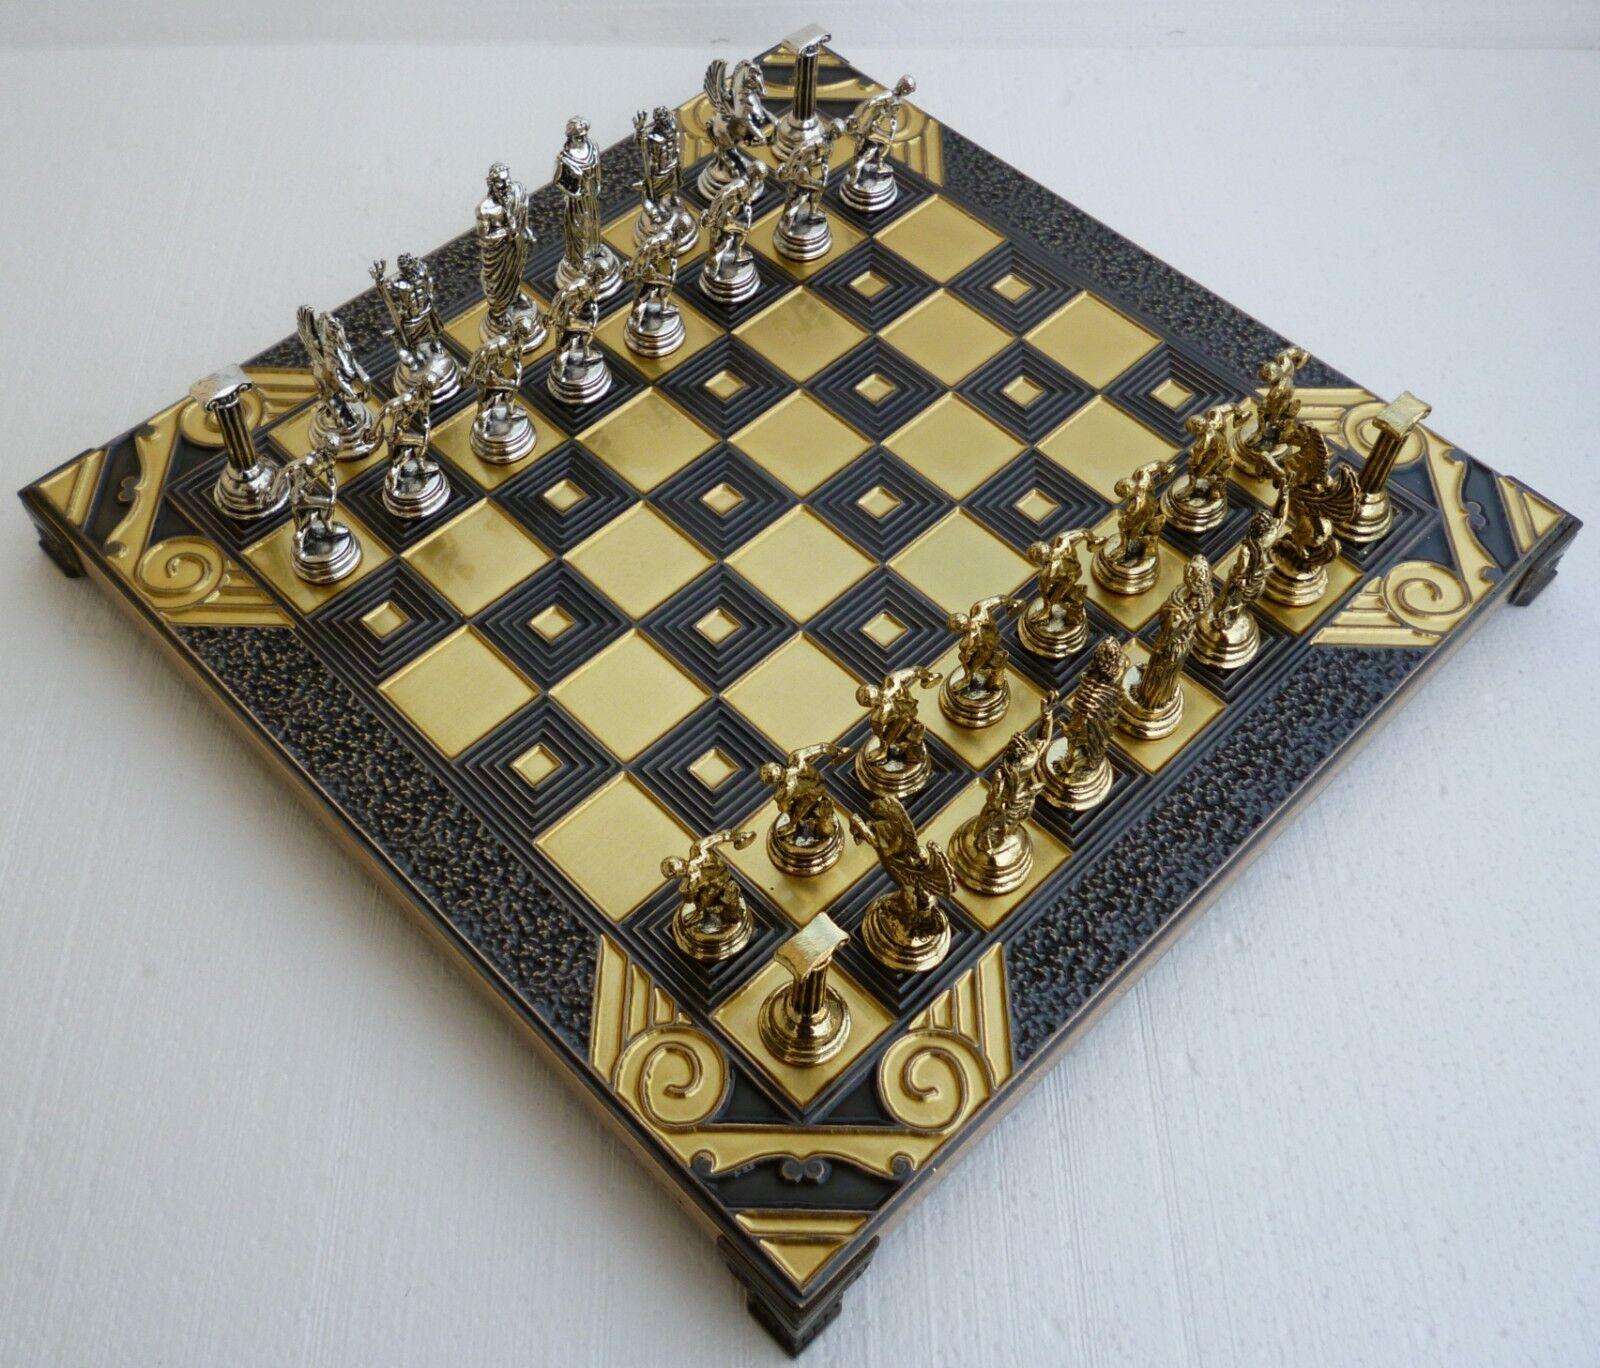 La mythologie  grecque Chess Set Avec bronze Board & Métal pièces réalisées en Grèce 10.63   parfait